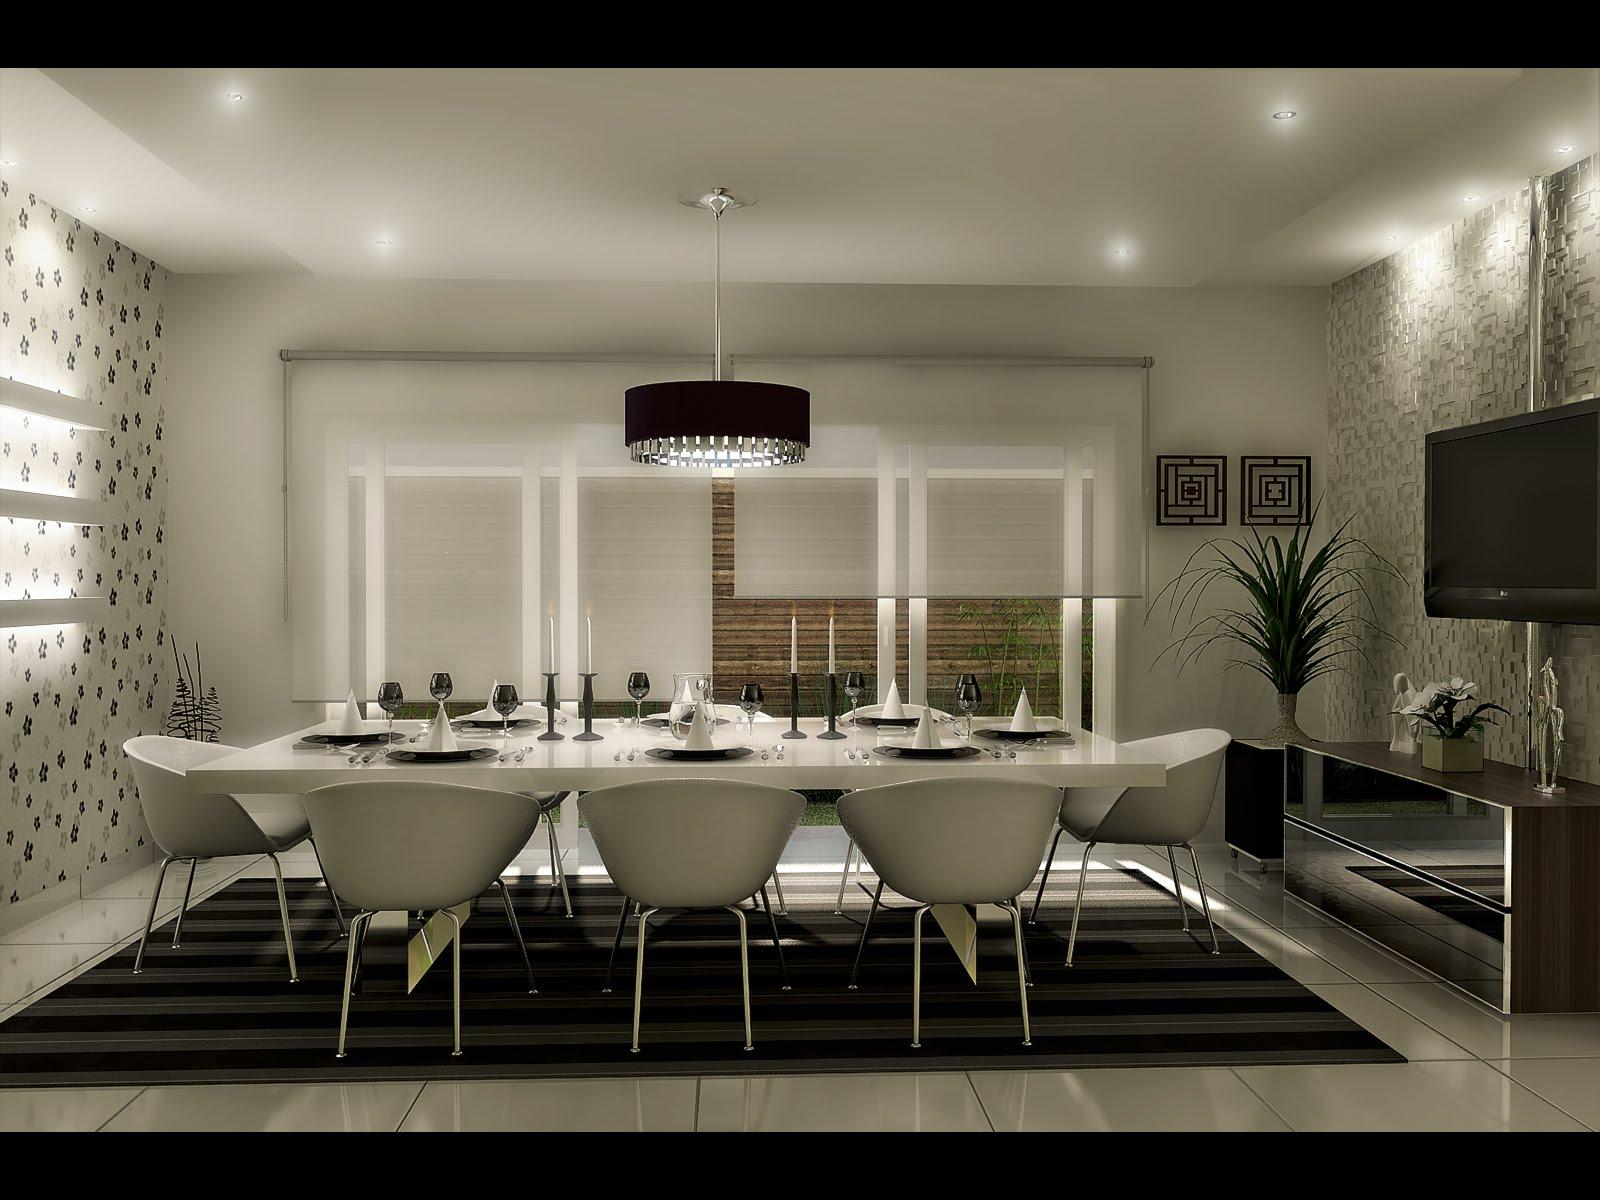 Sala De Jantar Zamarchi ~  confortavelmente, são necessários de 55 cm a 60 cm de largura